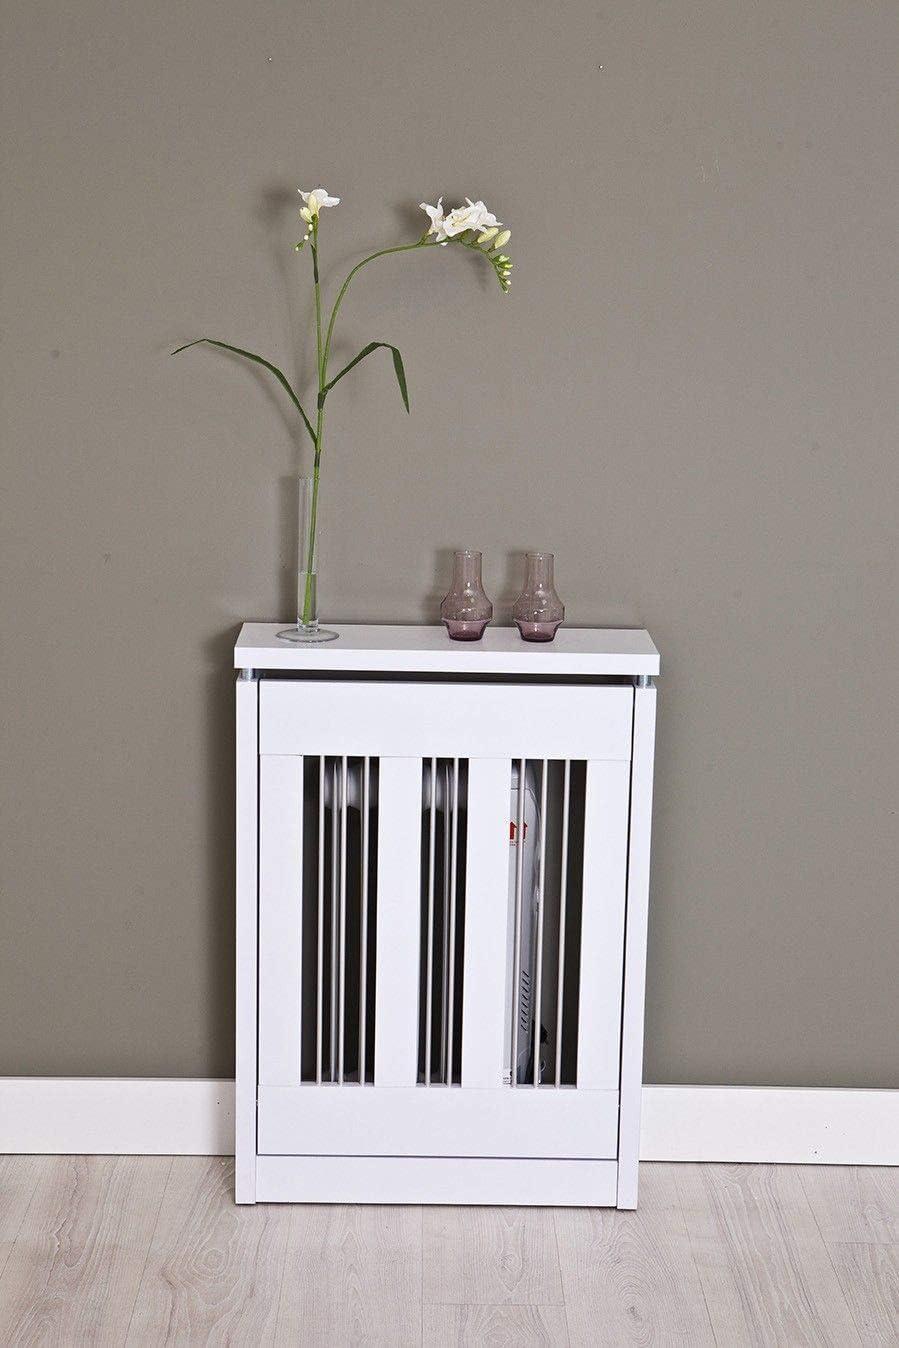 Intradisa 3061 Cubre radiador Blanco